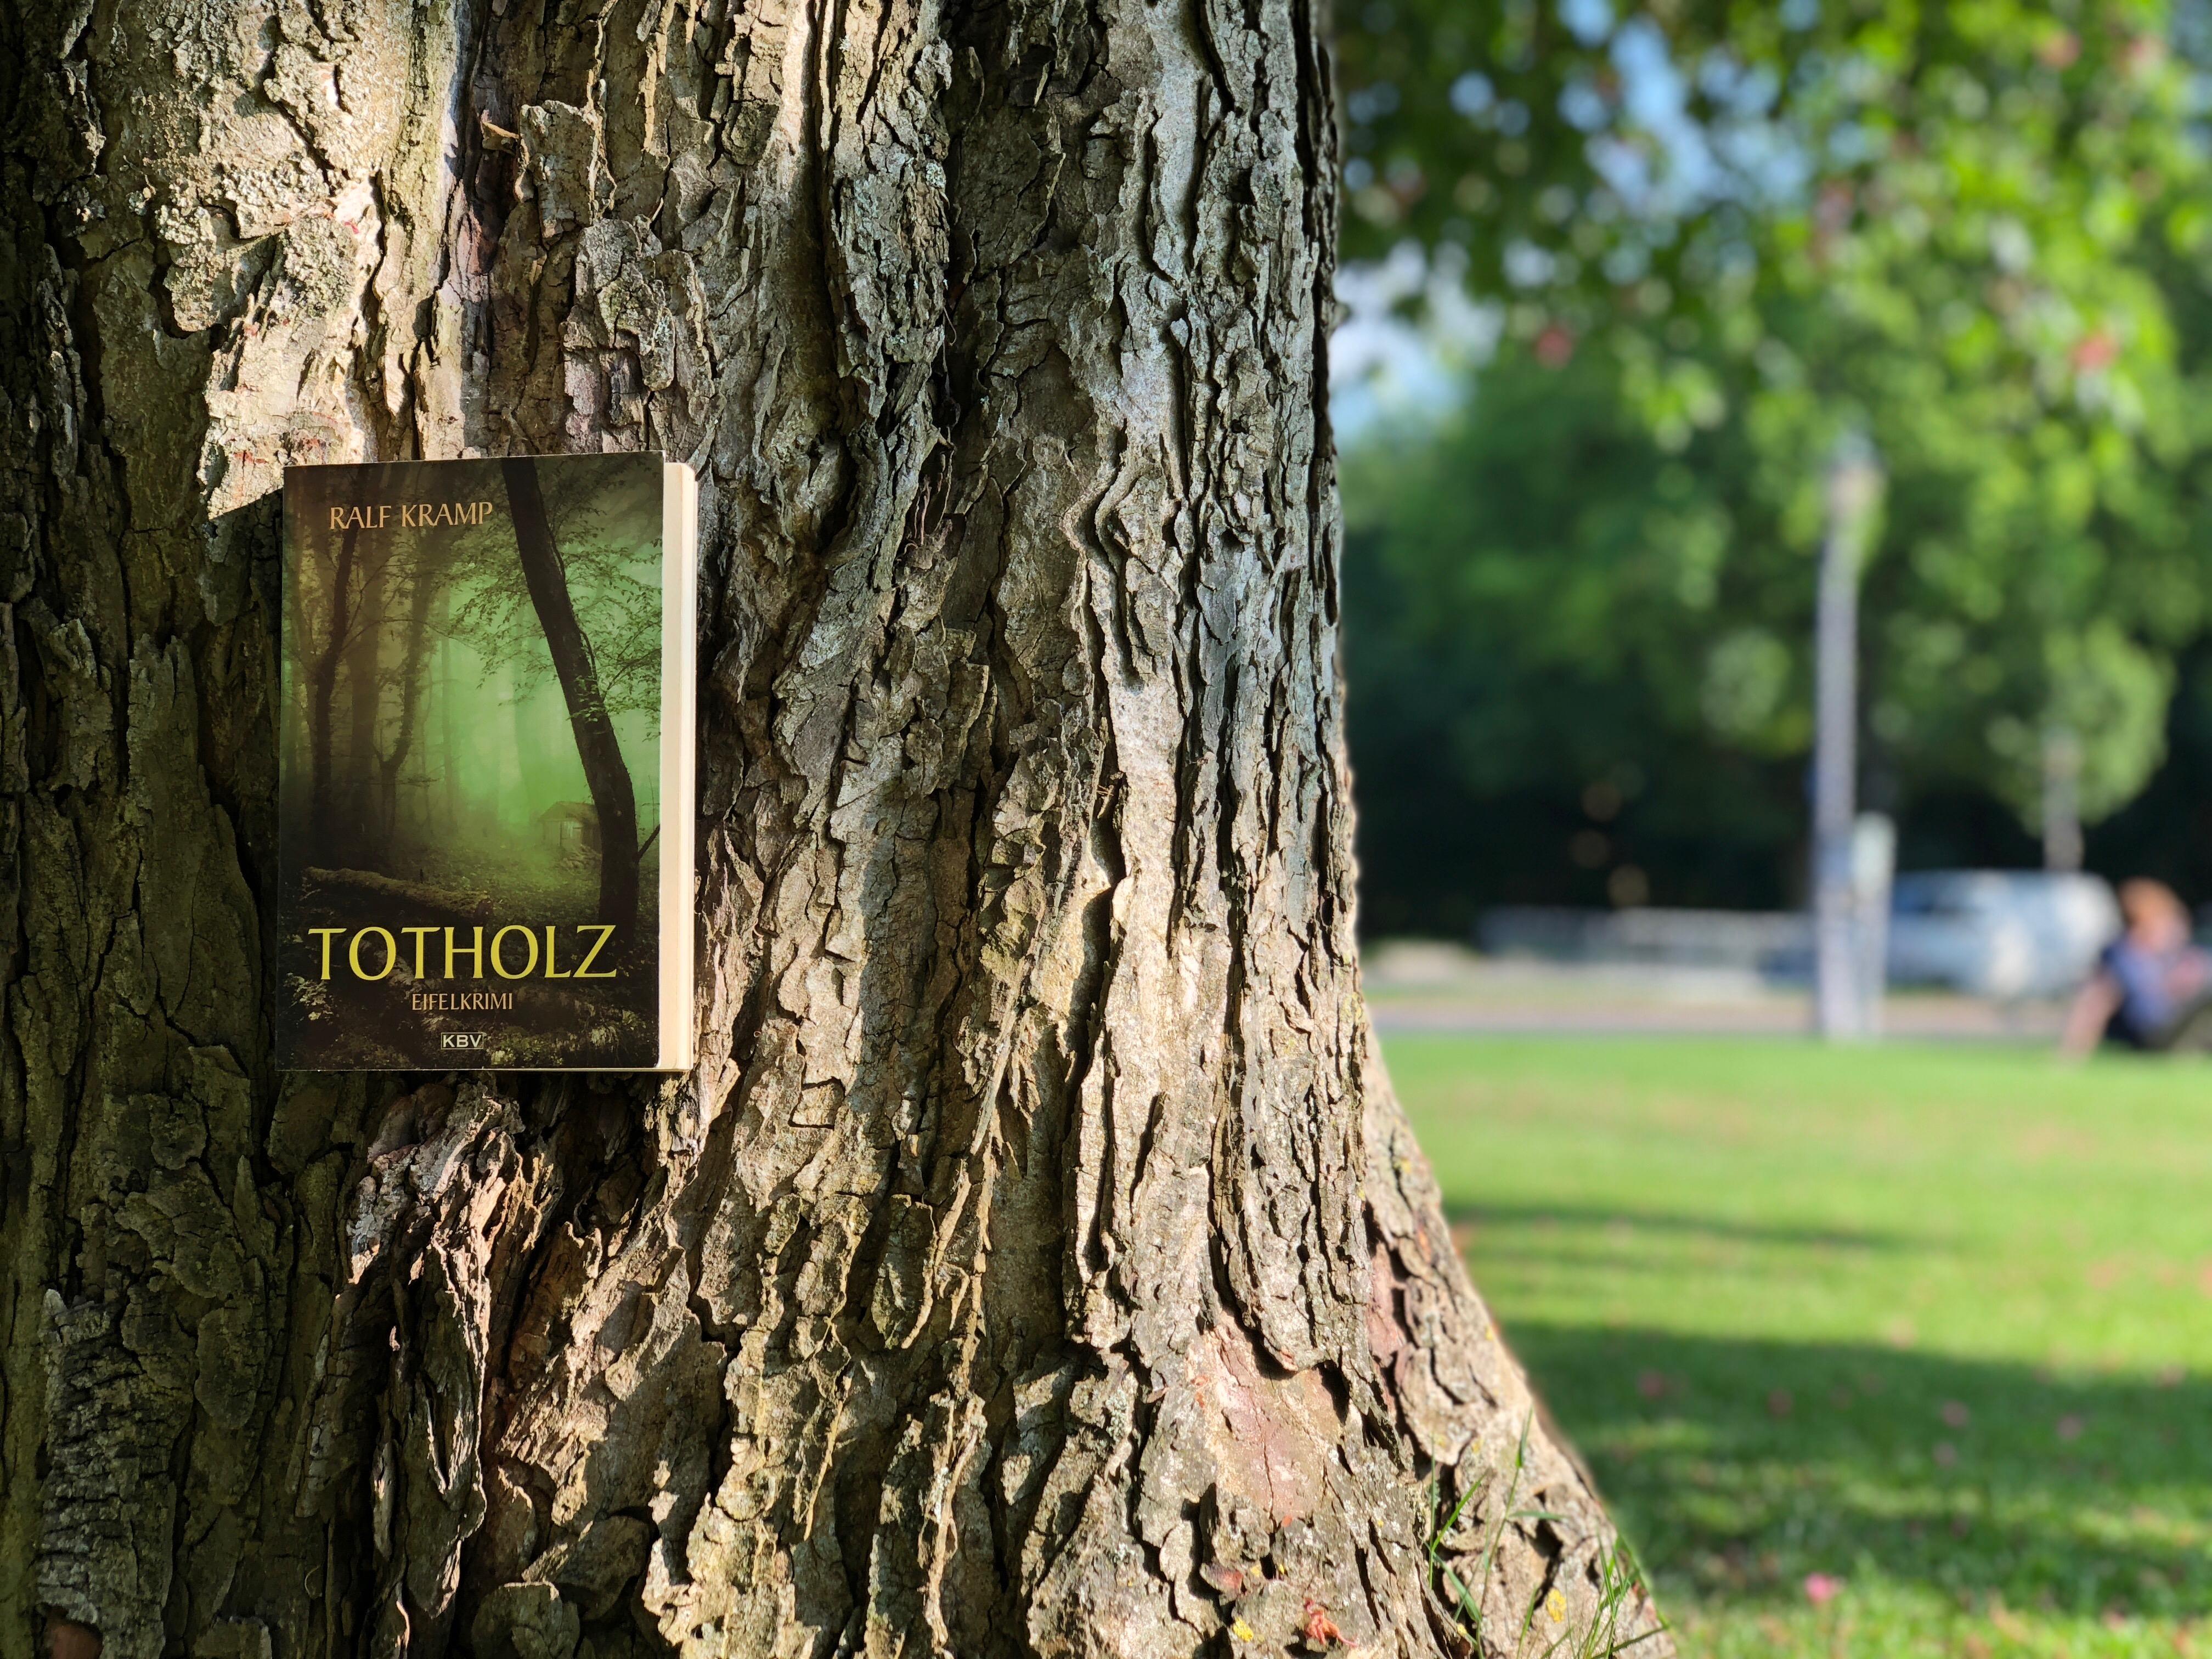 Alltagsträumer - Totholz